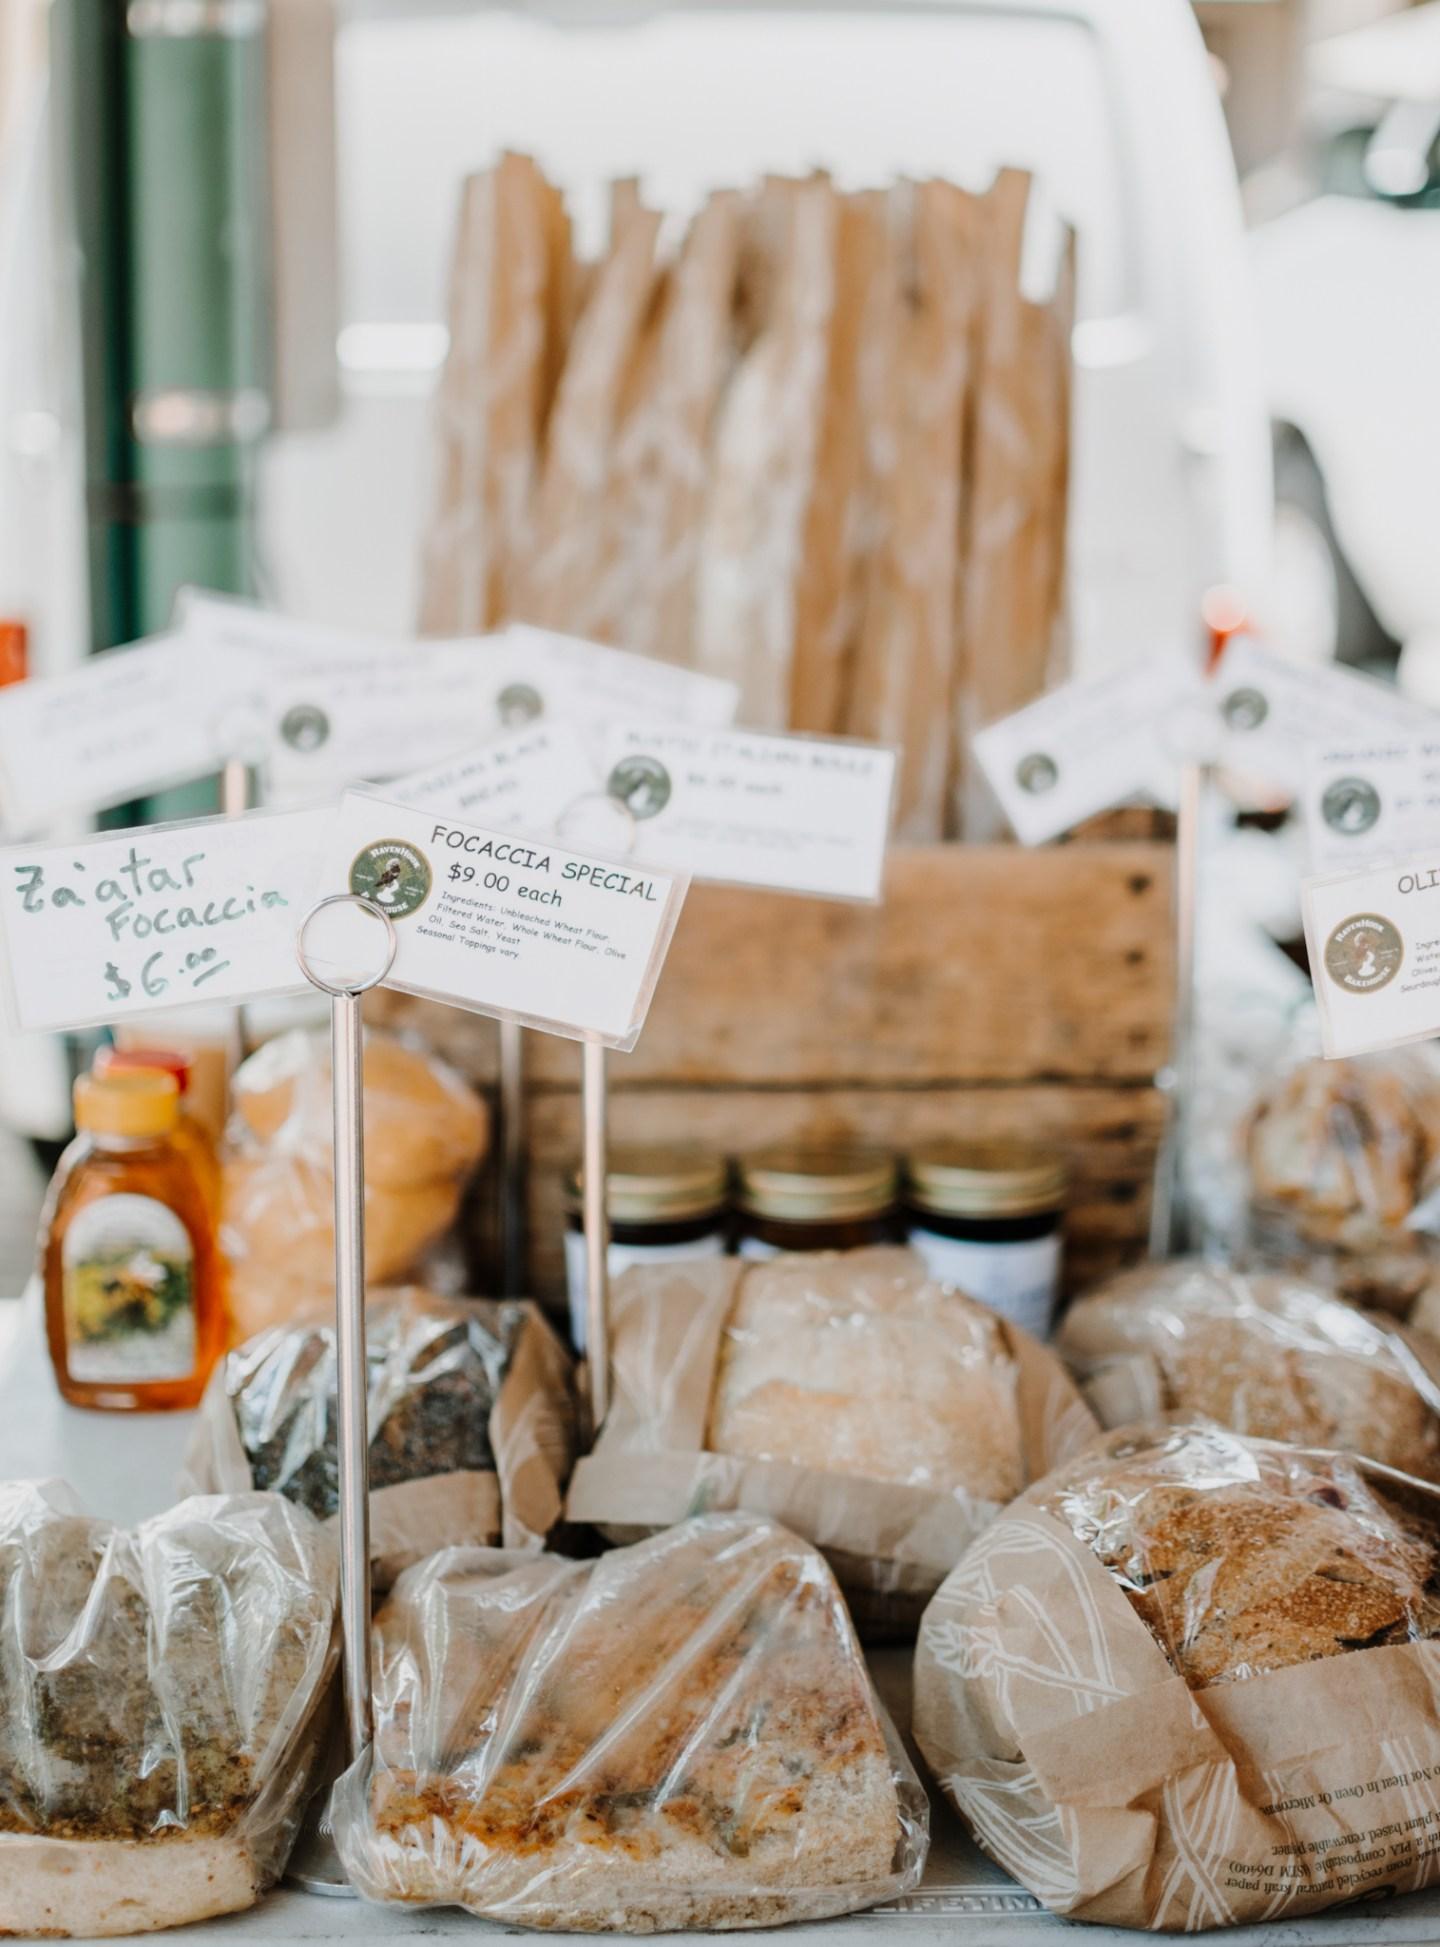 best bread baker in dc - fresh baked bread in dc - ravenhook bakery